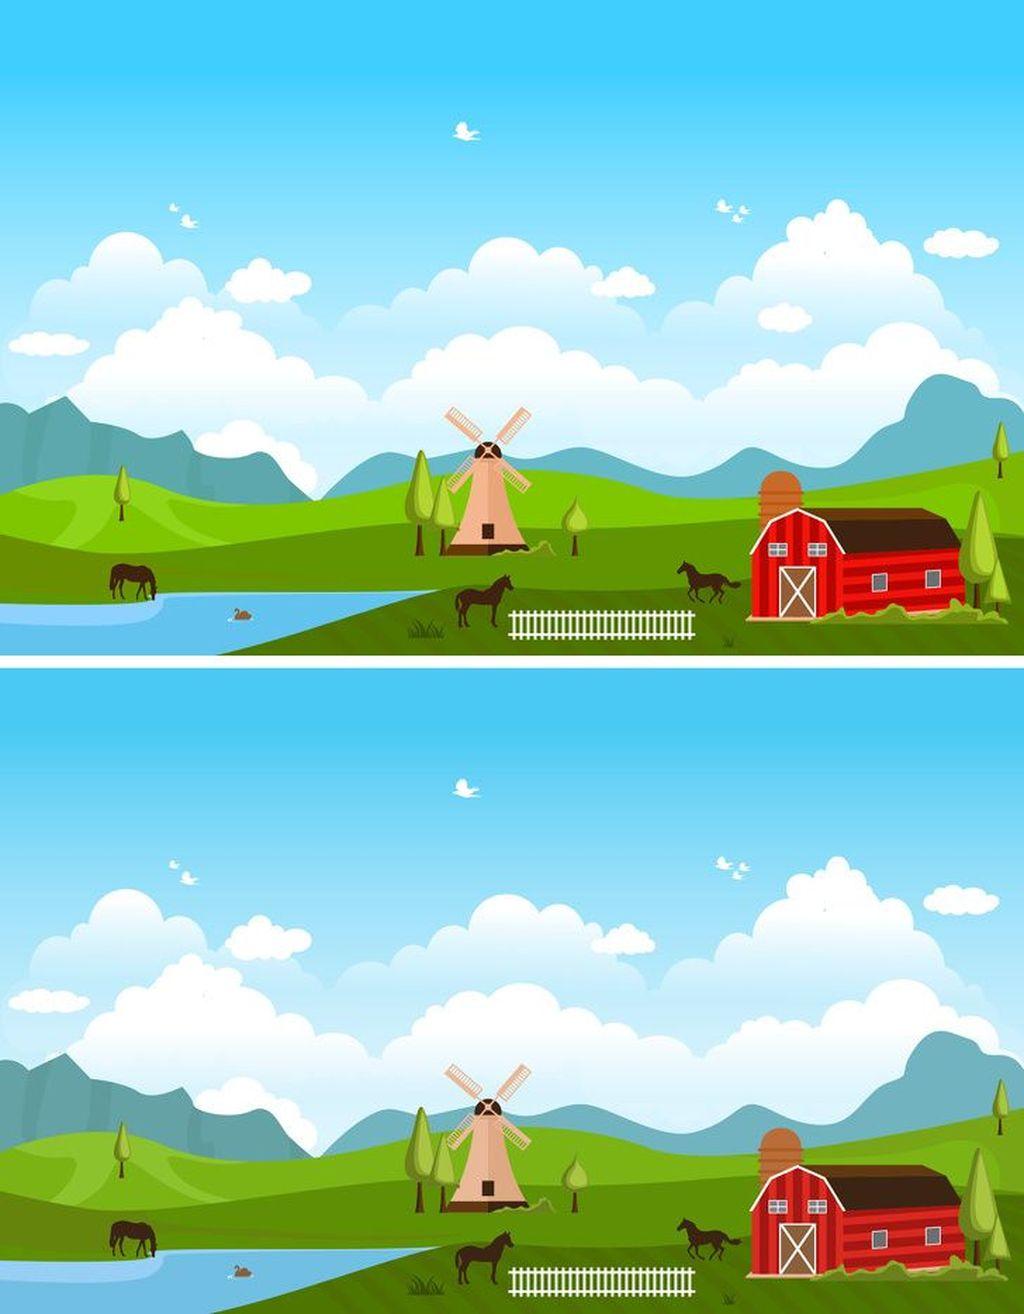 Tebak manakah yang berbeda dari kedua gambar ini? (Foto: Brightside)